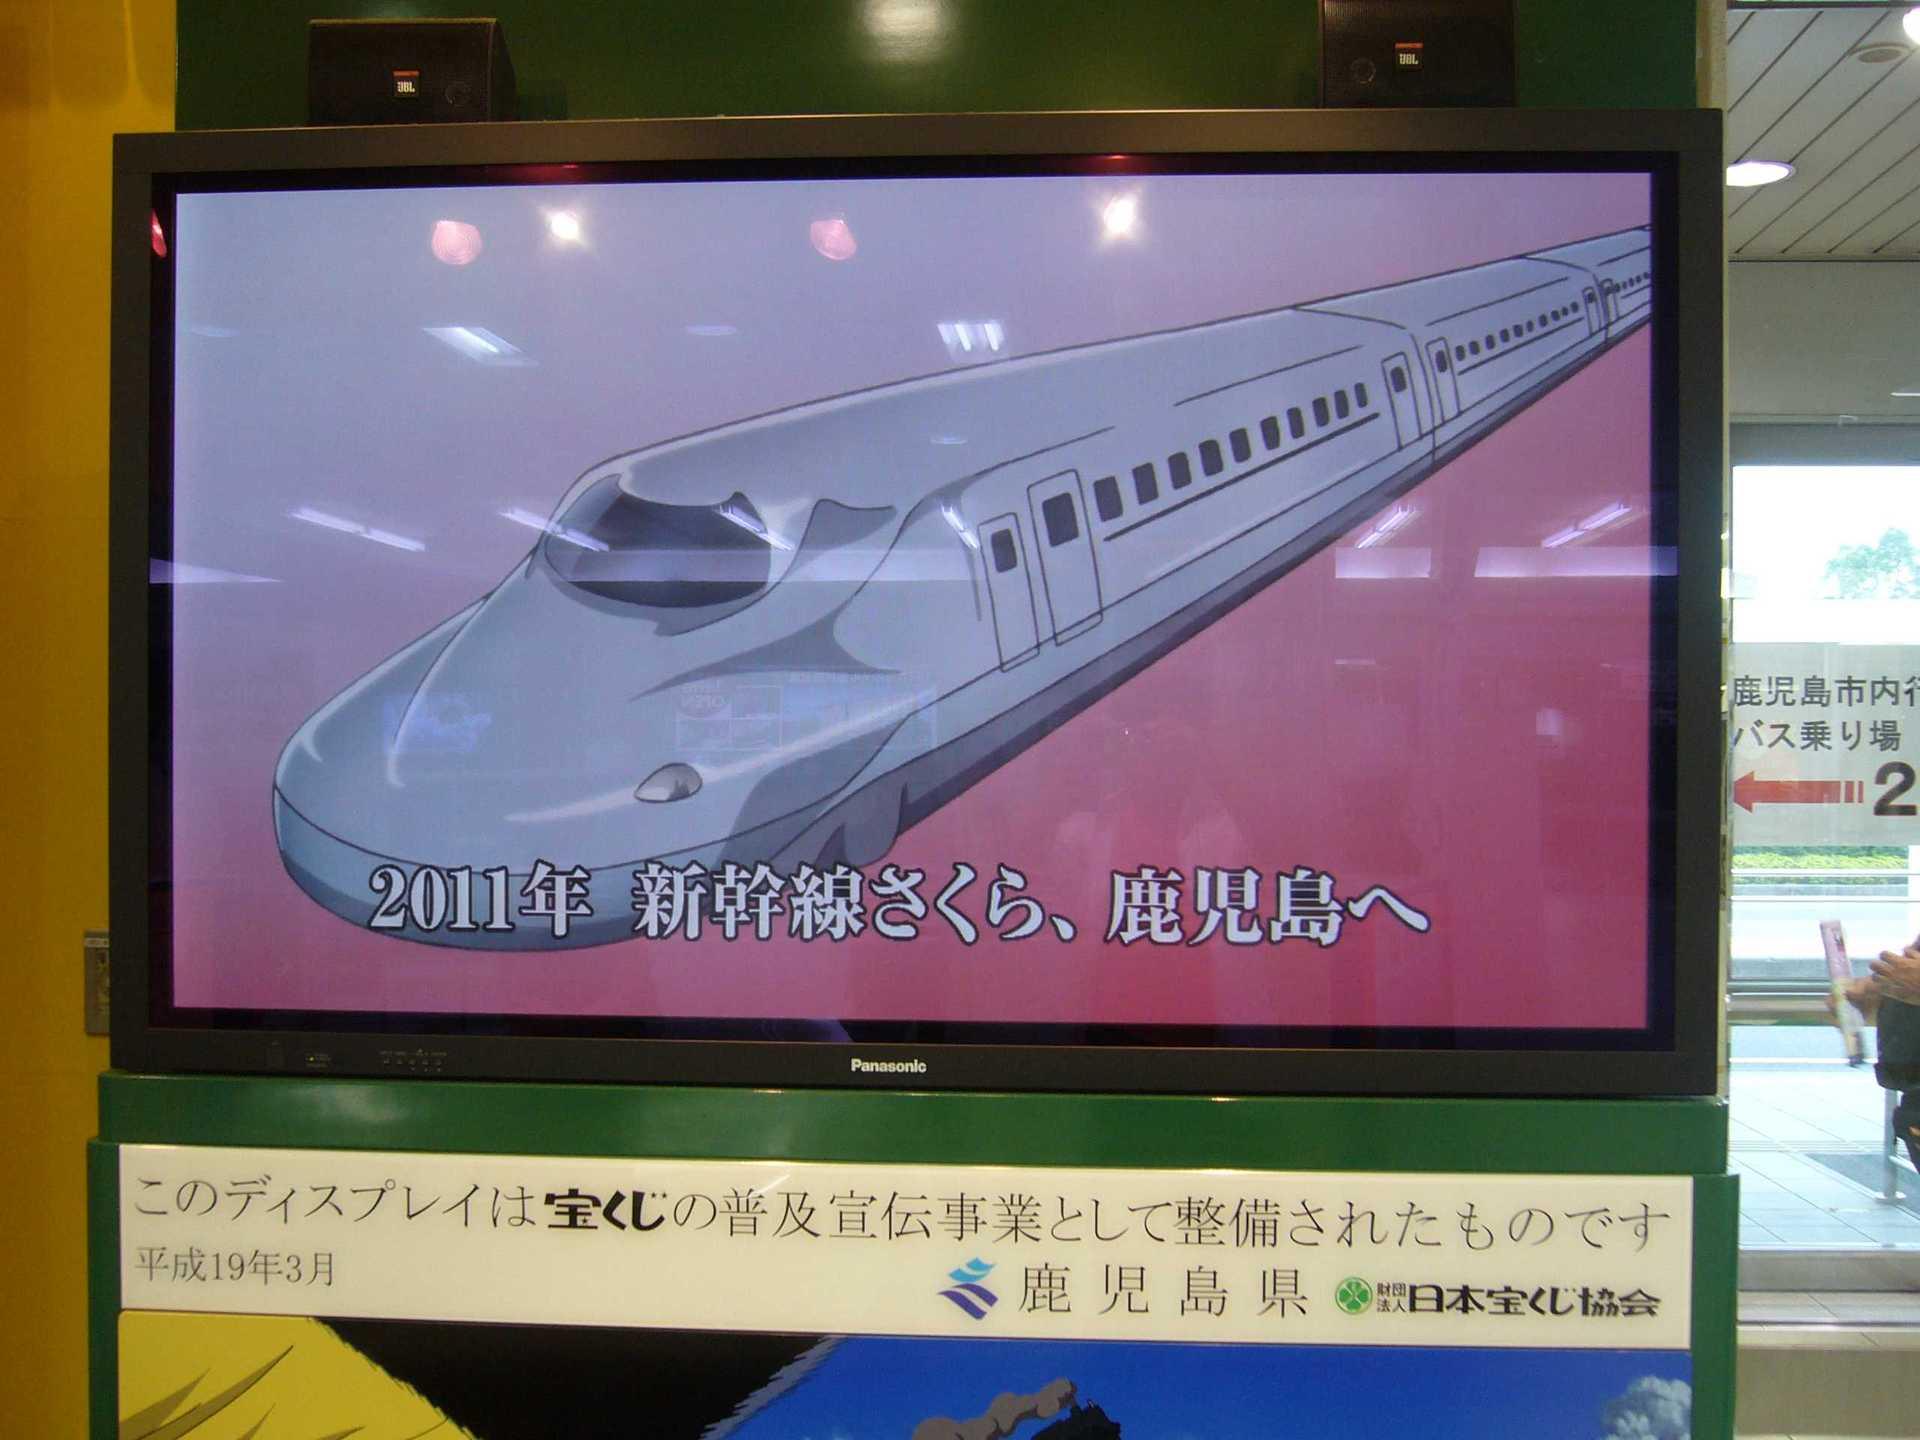 新幹線さくら@鹿児島空港